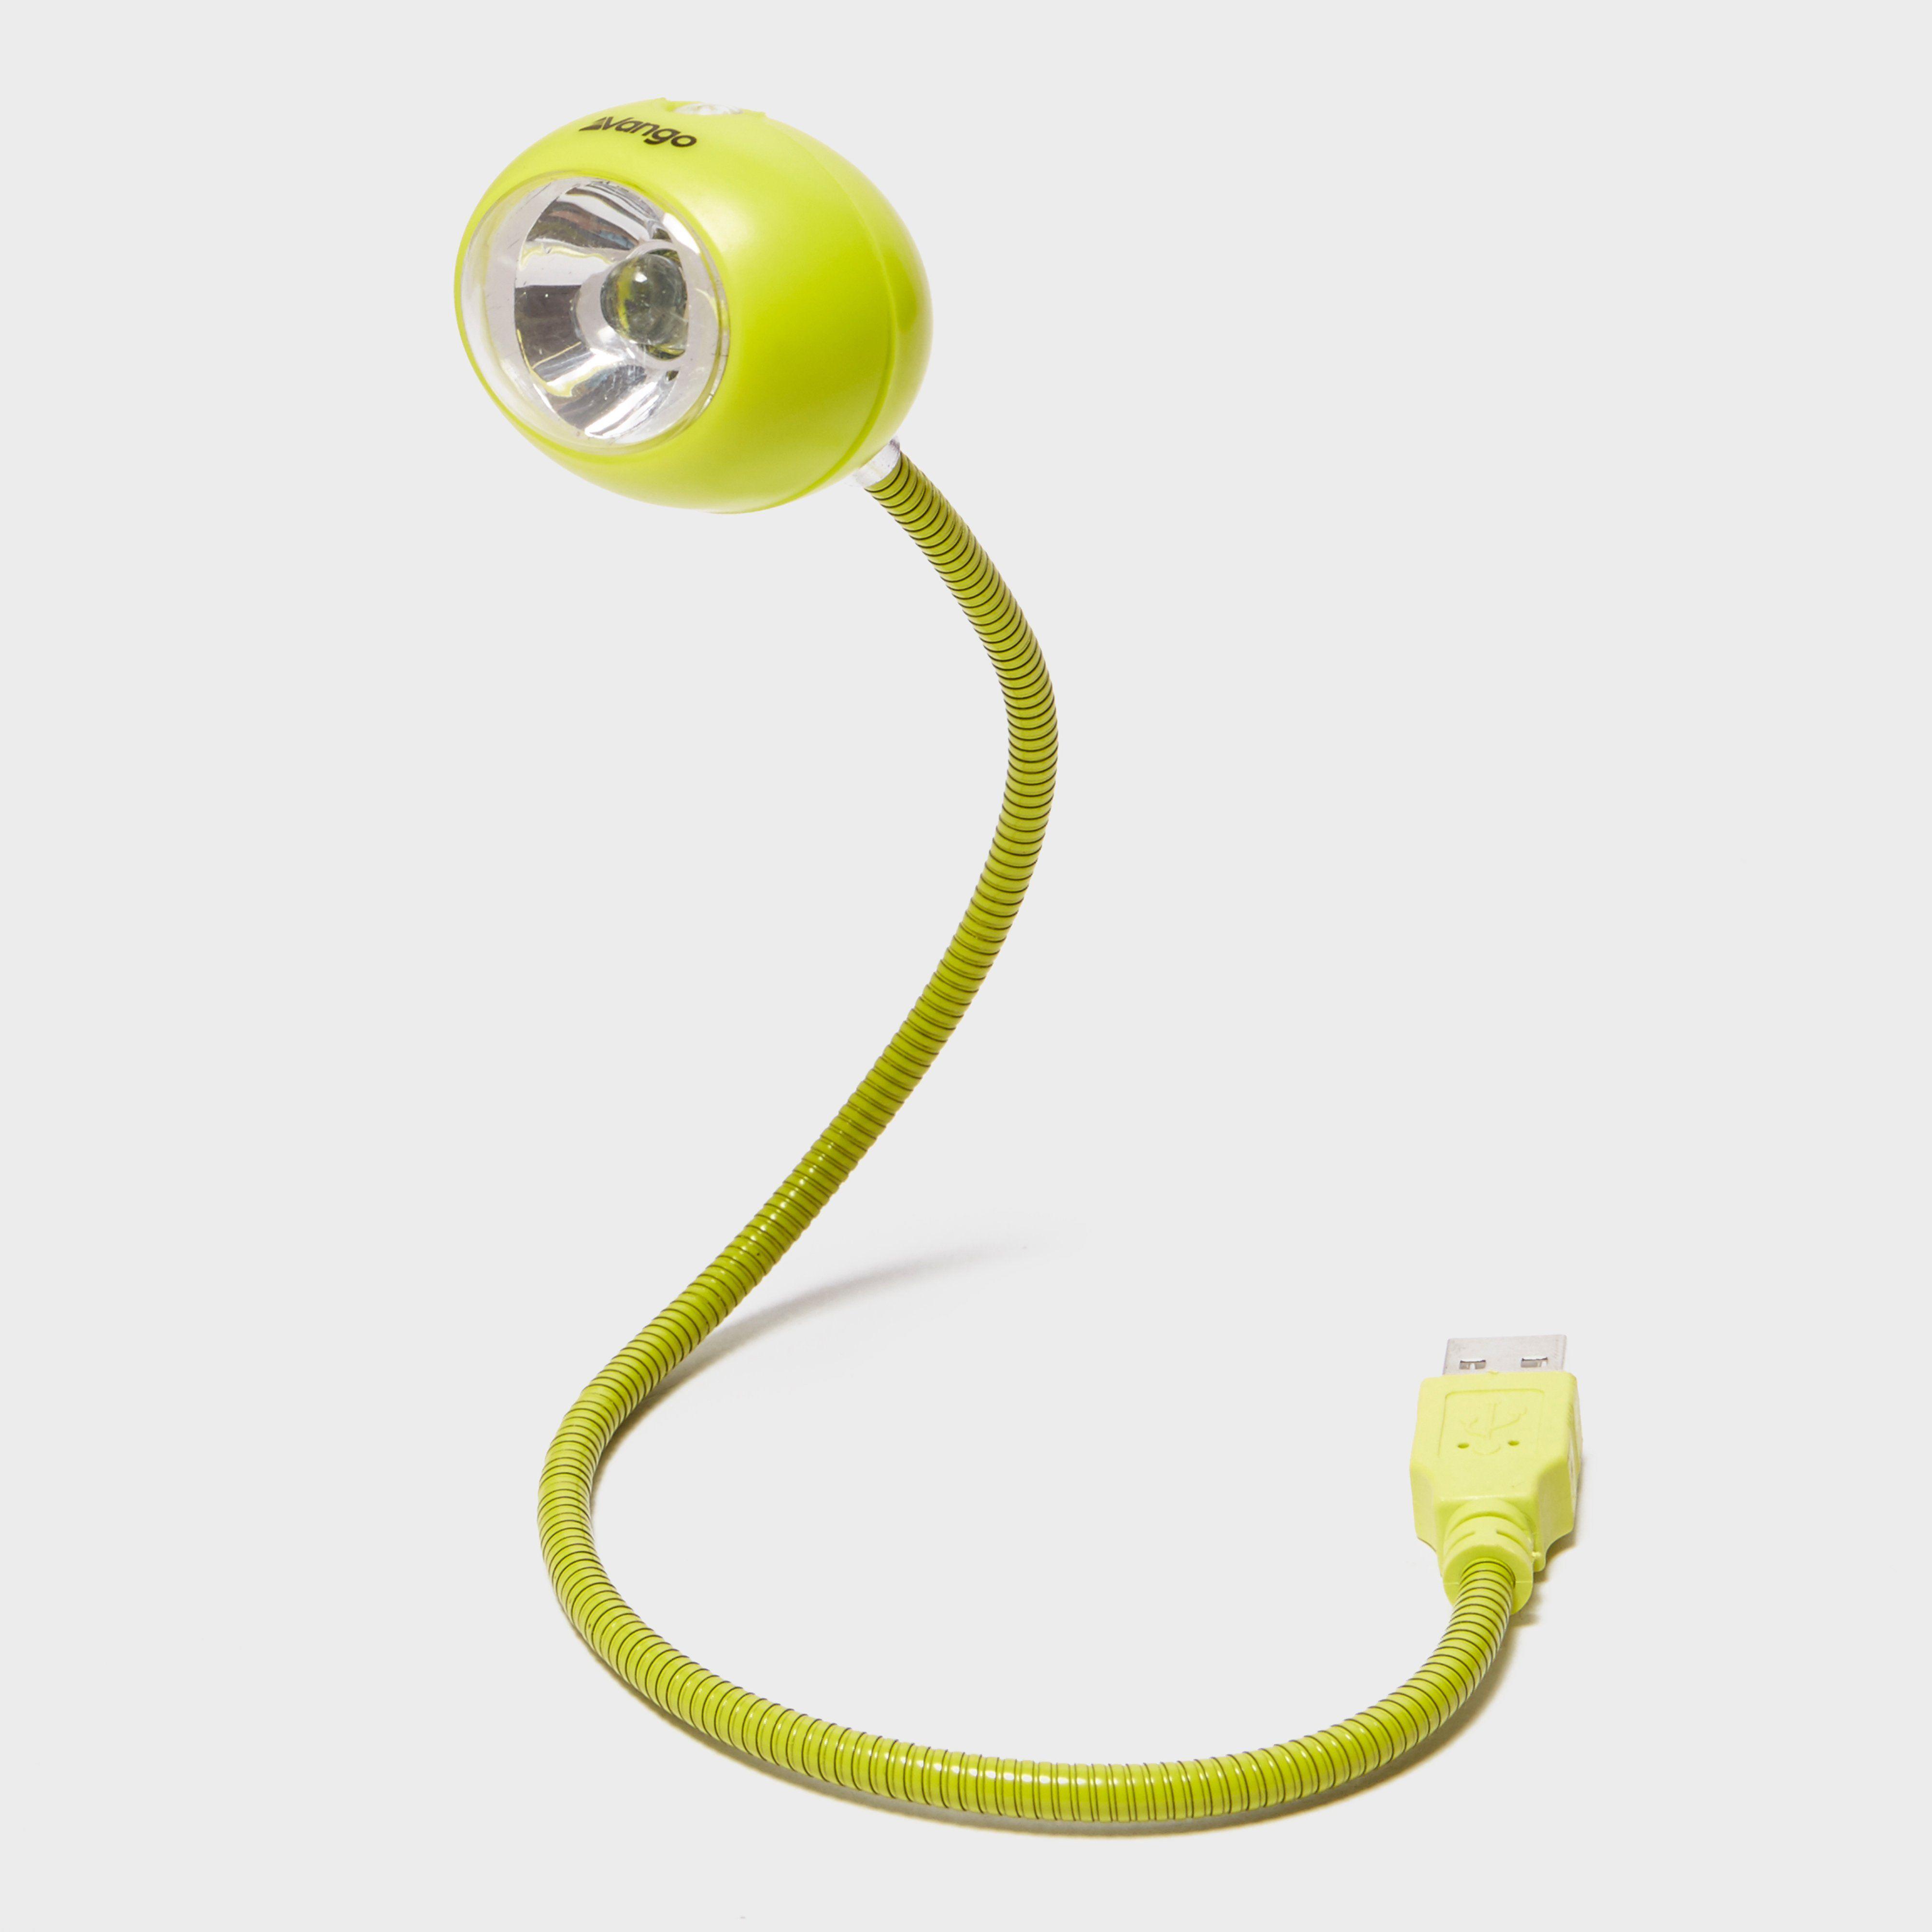 VANGO USB Eye Light